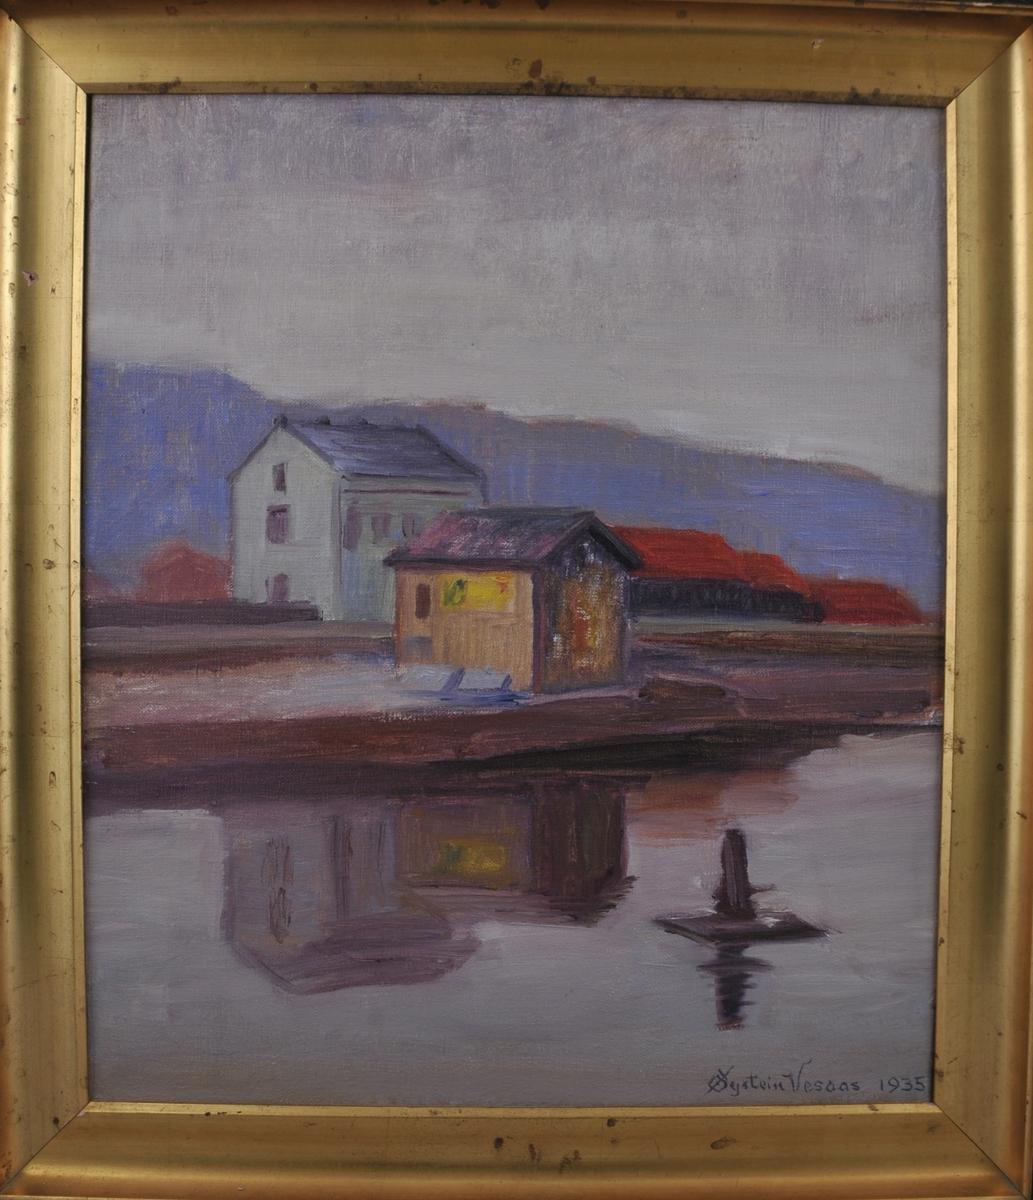 Motiv frå Skien, landskap med hus som speglar seg i vatnet i framgrunnen.